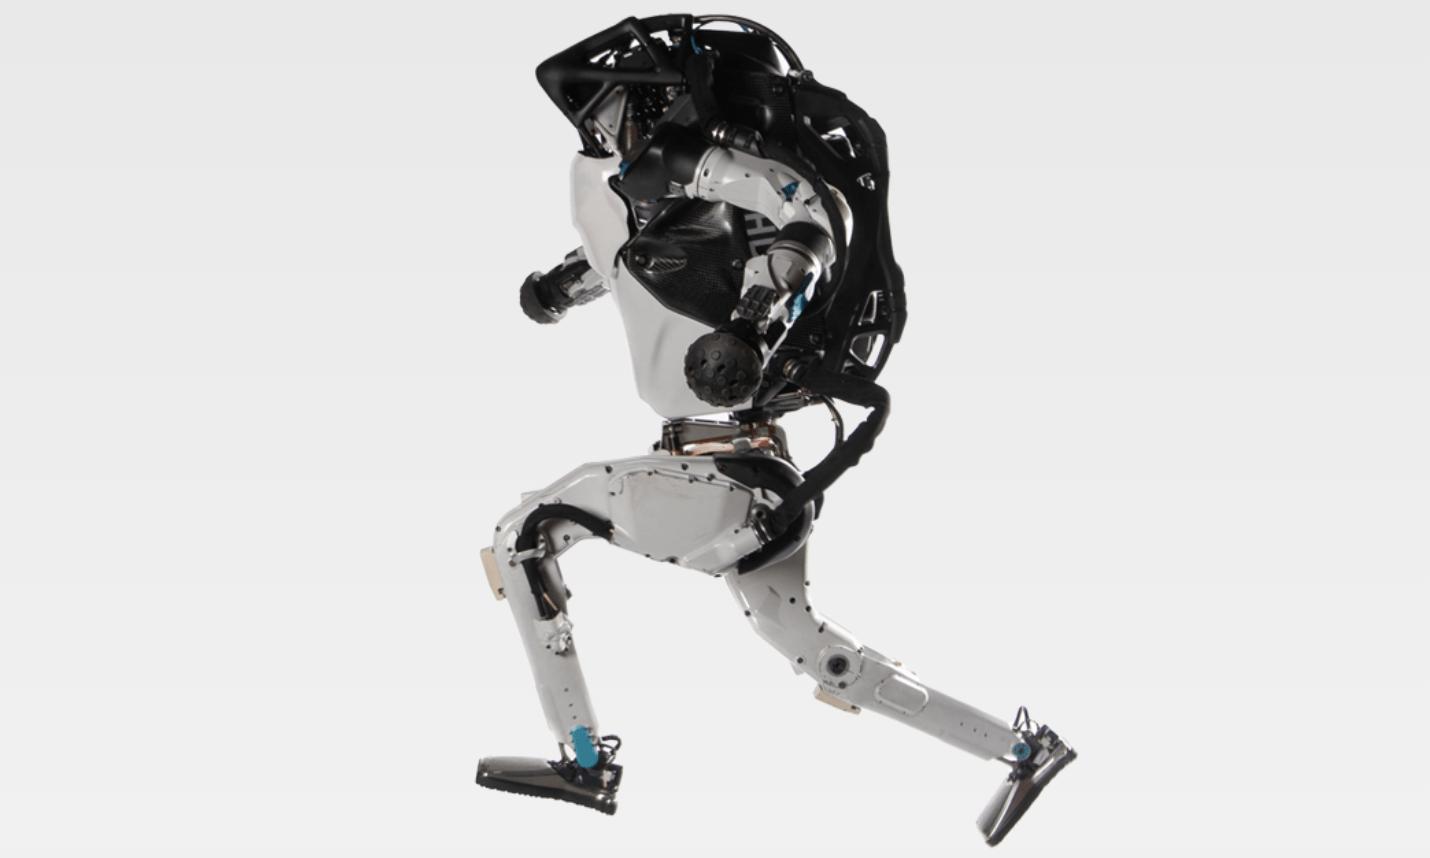 美国机器人斗舞堪比人类,马斯克惊呼:这不是特效!